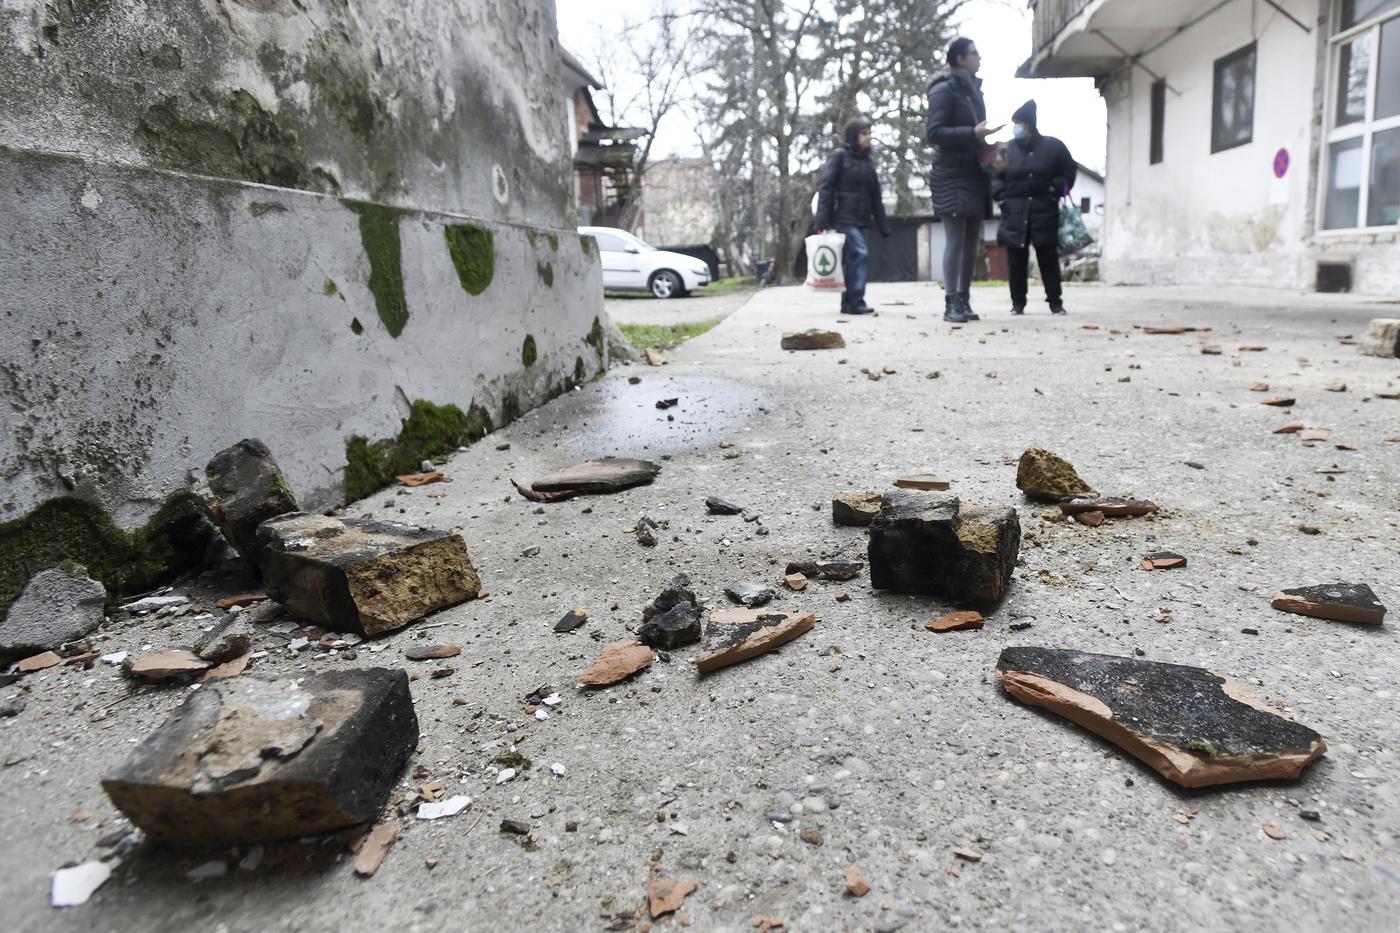 Croazia, forte scossa di terremoto all'alba di questa mattina: sisma di magnitudo 5.2